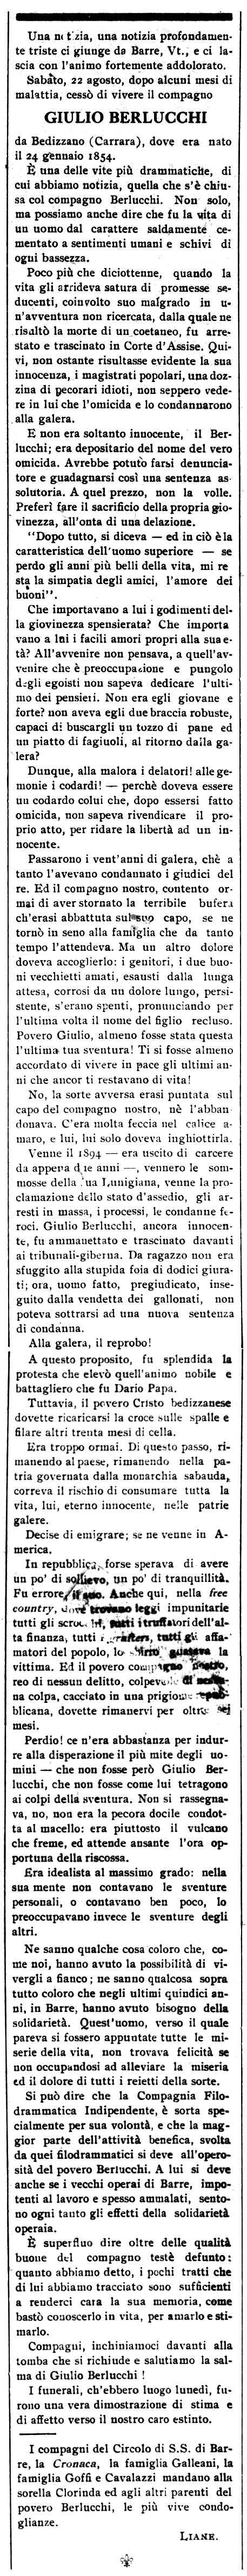 """Necrològica de Giulio Berlucchi apareguda en el periòdic de Barre """"Cronaca Sovversiva"""" del 5 de setembre de 1914"""